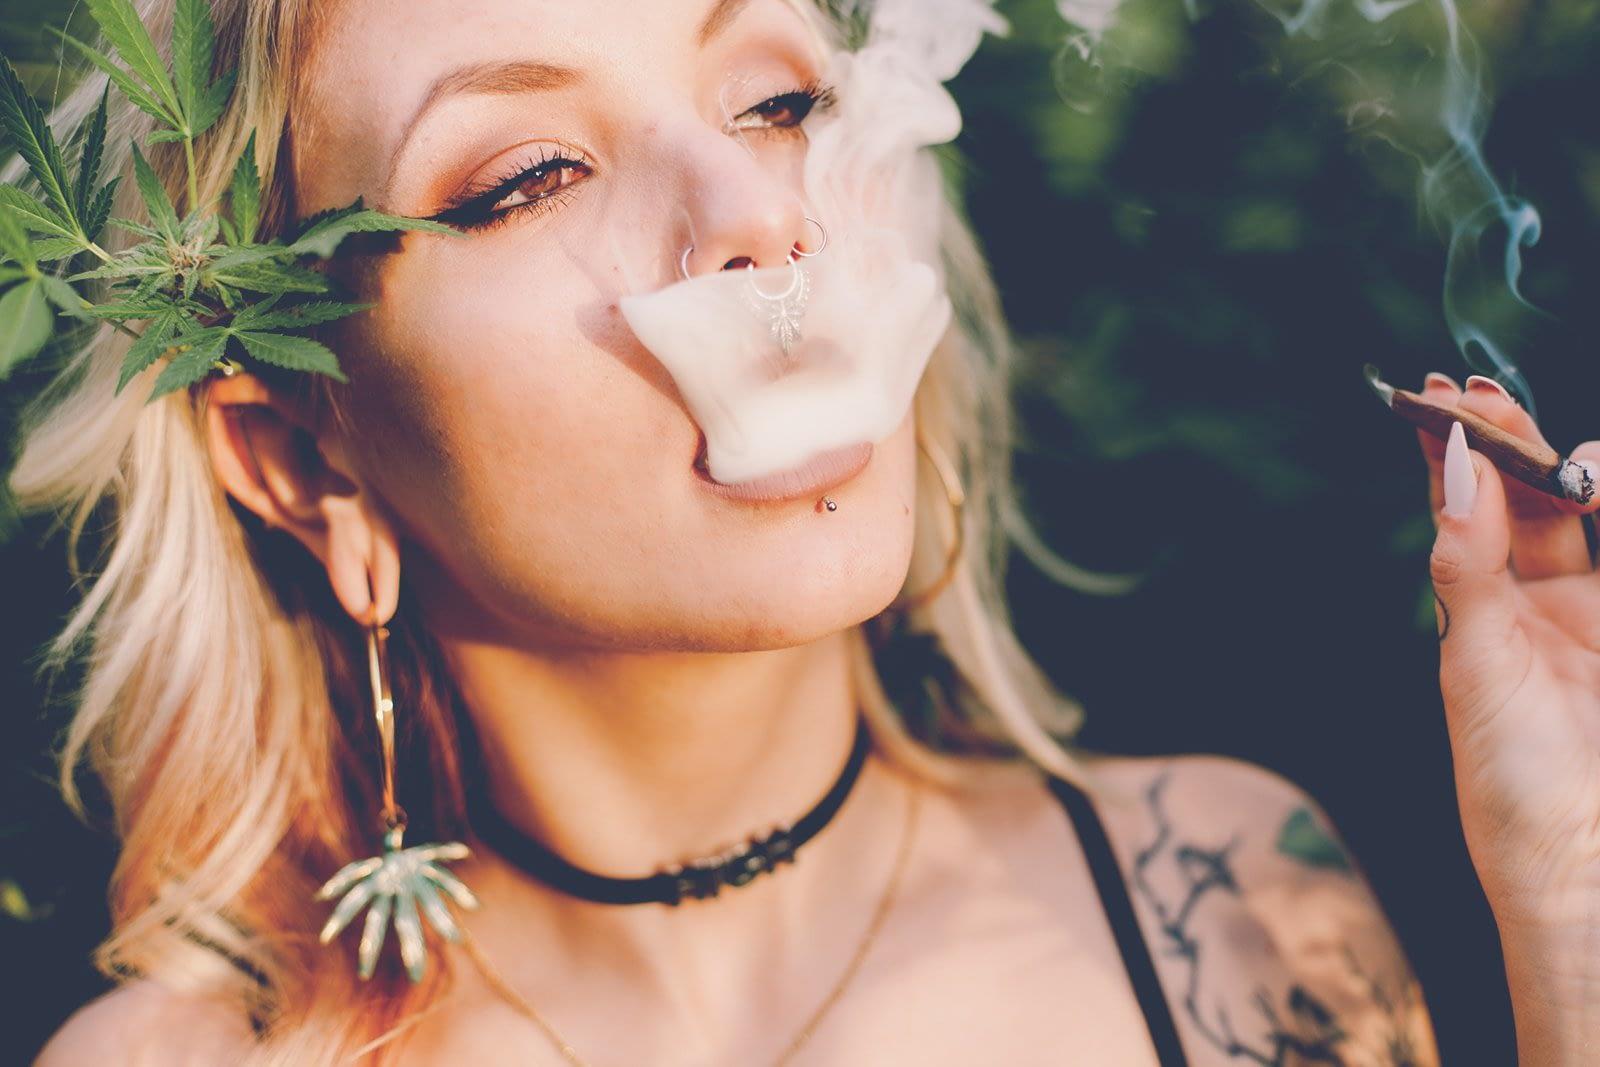 Weed smoking Girl